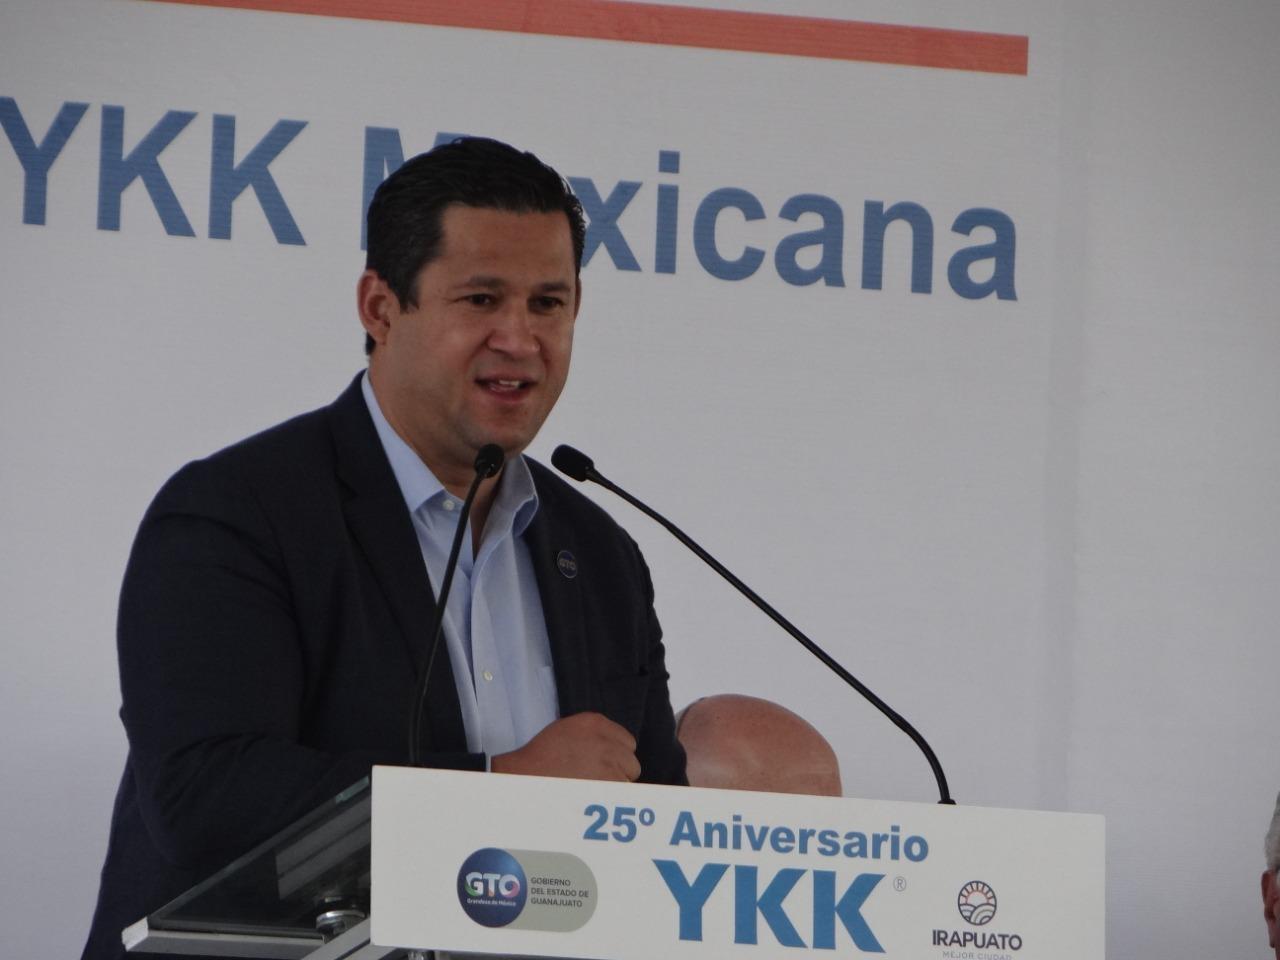 En duda, imparcialidad de la CNDH con imposición de excandidata morenista: Diego Sinhue